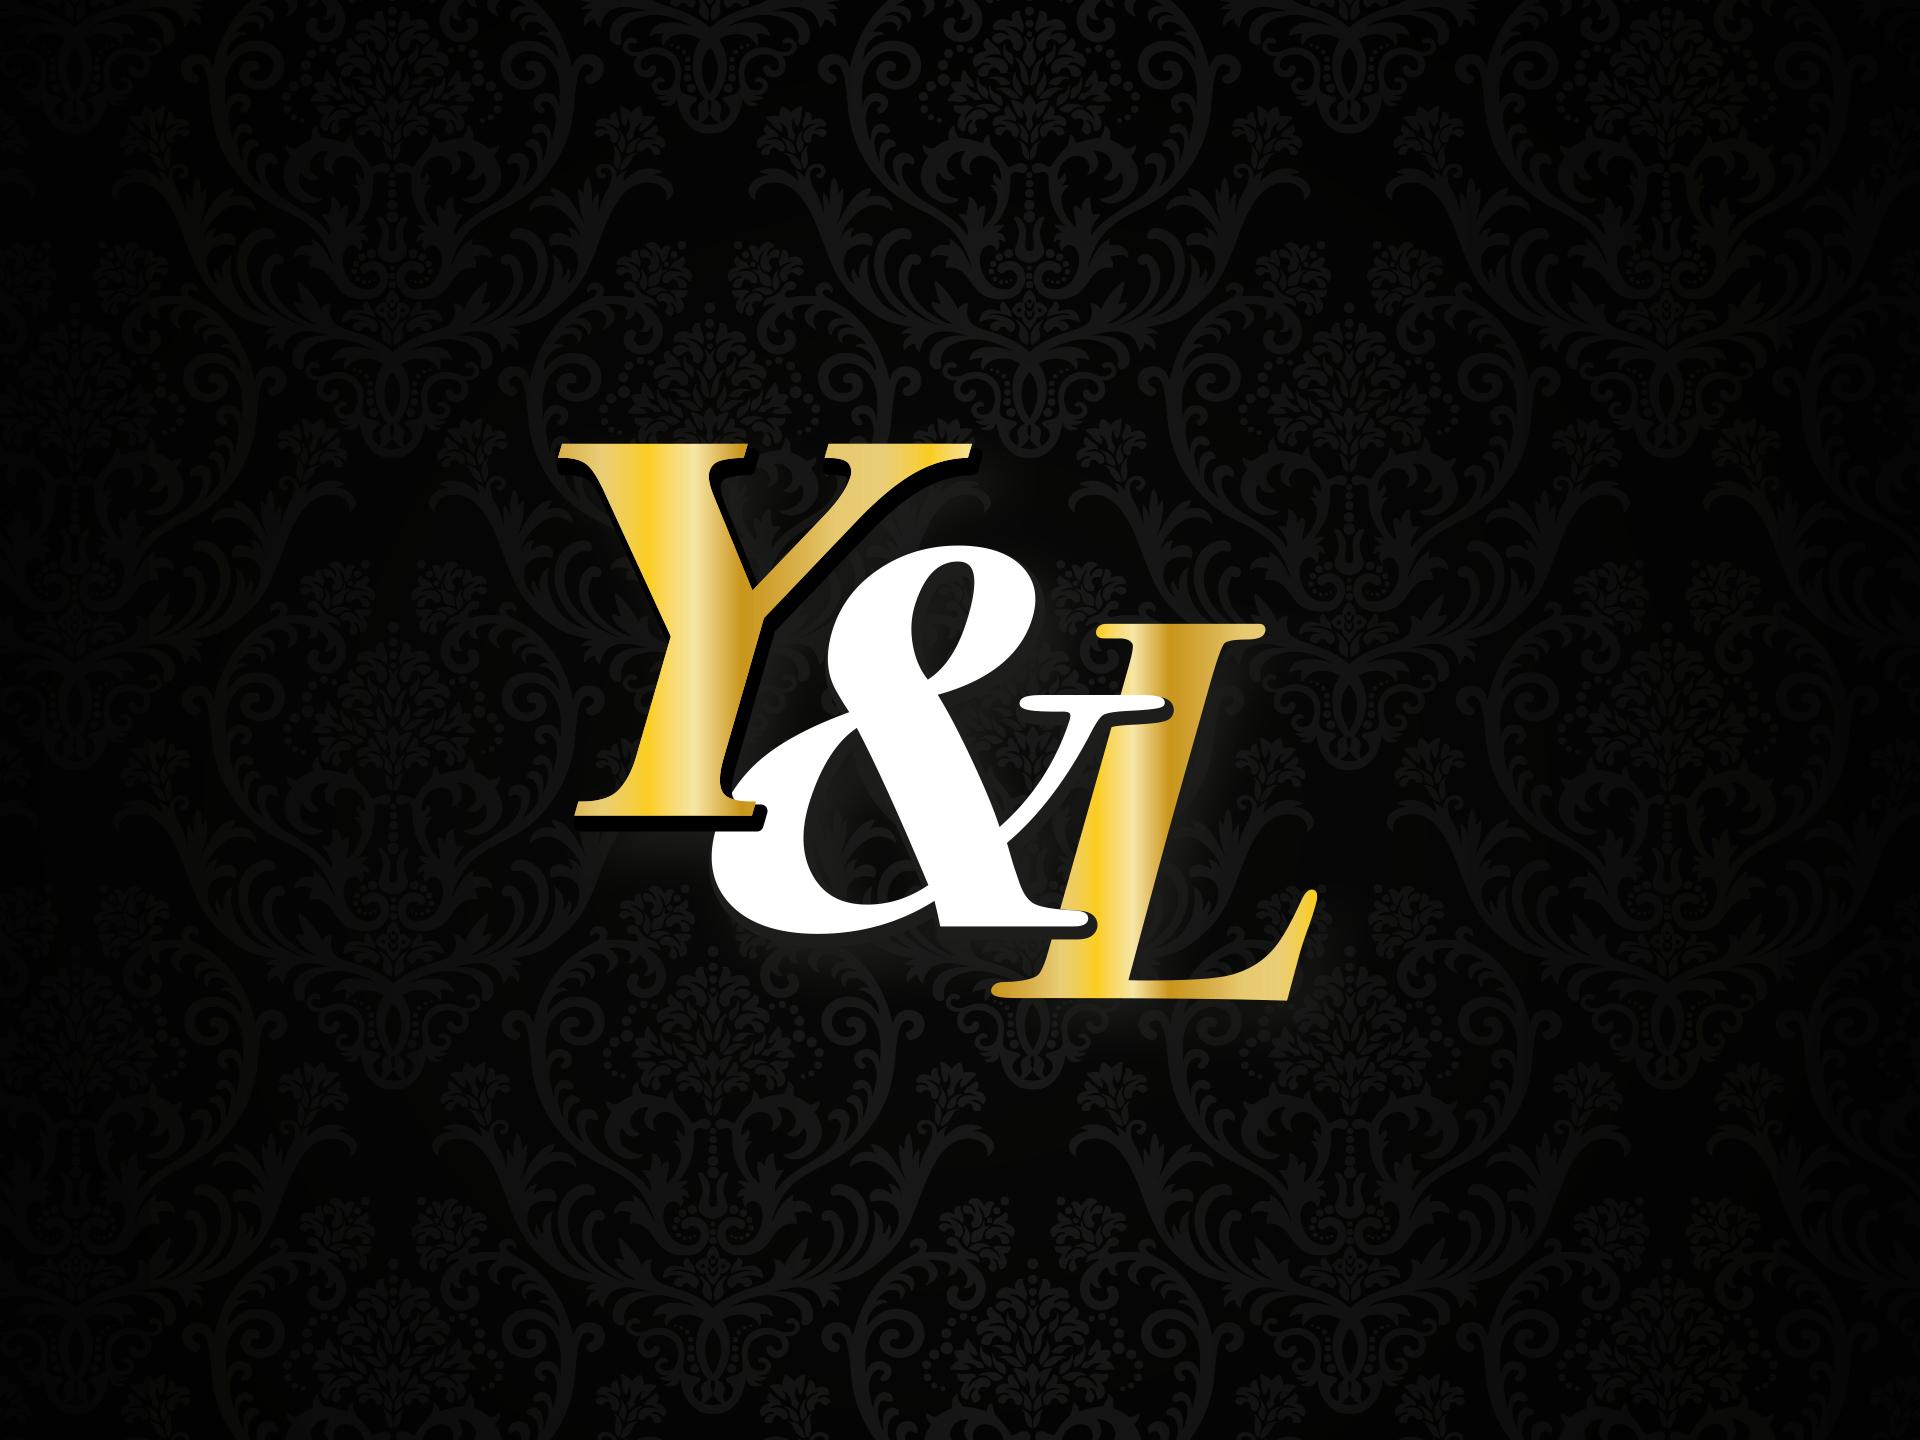 SM_Referenzen_YUL_Logo